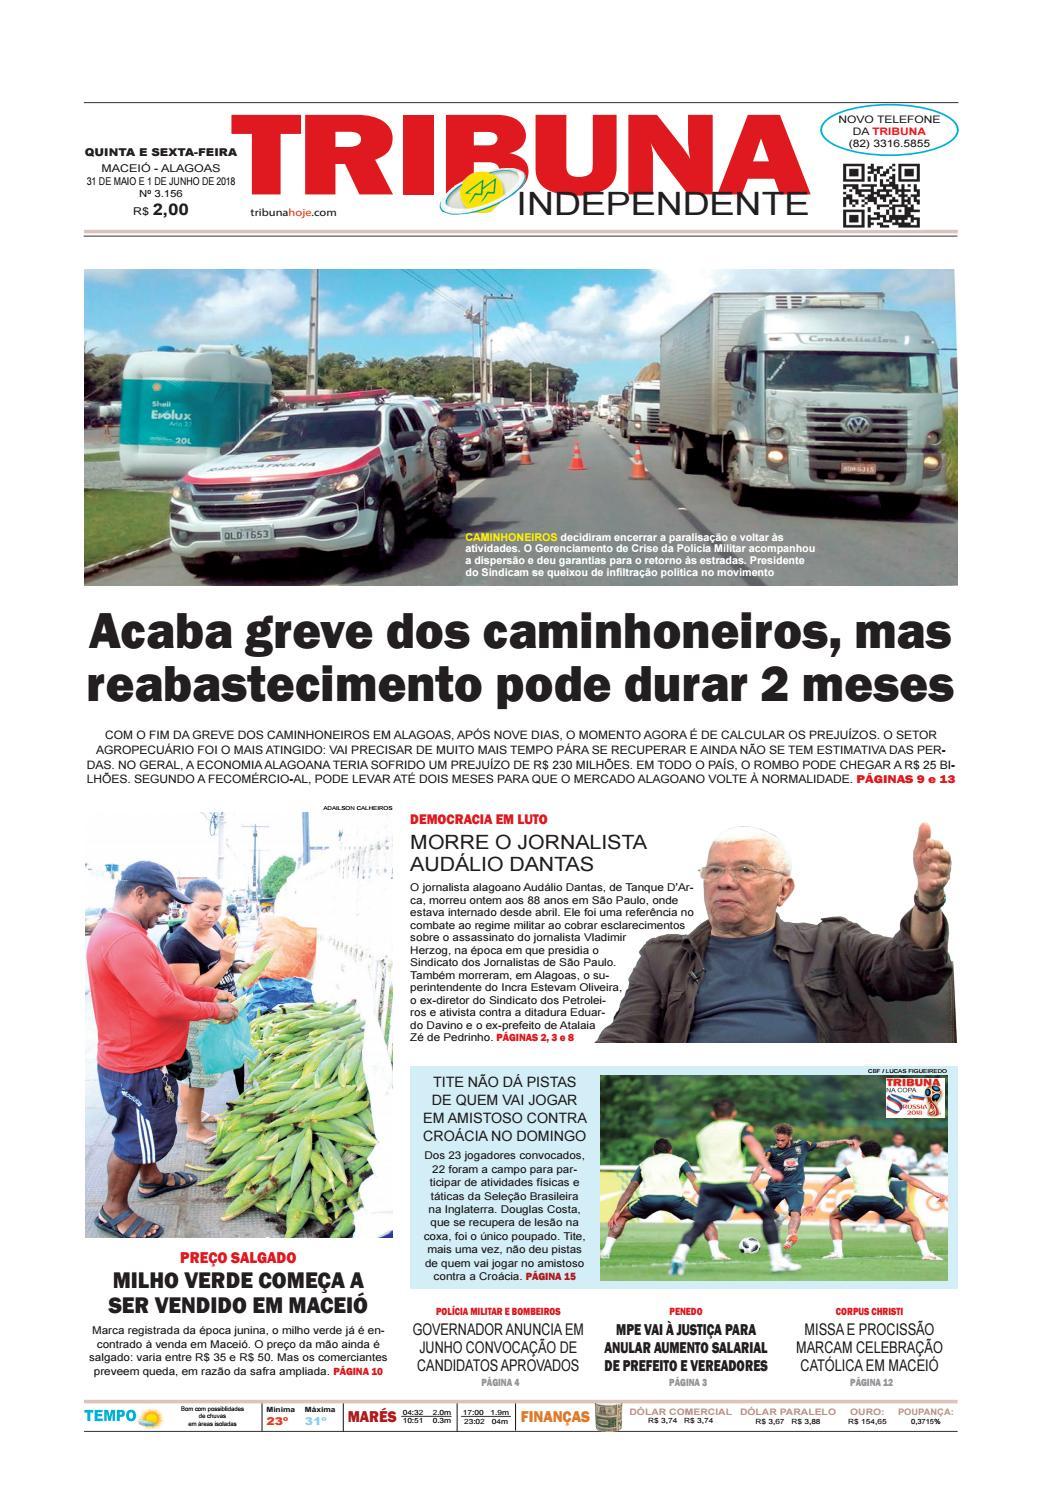 1a6759c66c9 Edição número 3156 - 31 de maio e 1 de junho de 2018 by Tribuna Hoje - issuu